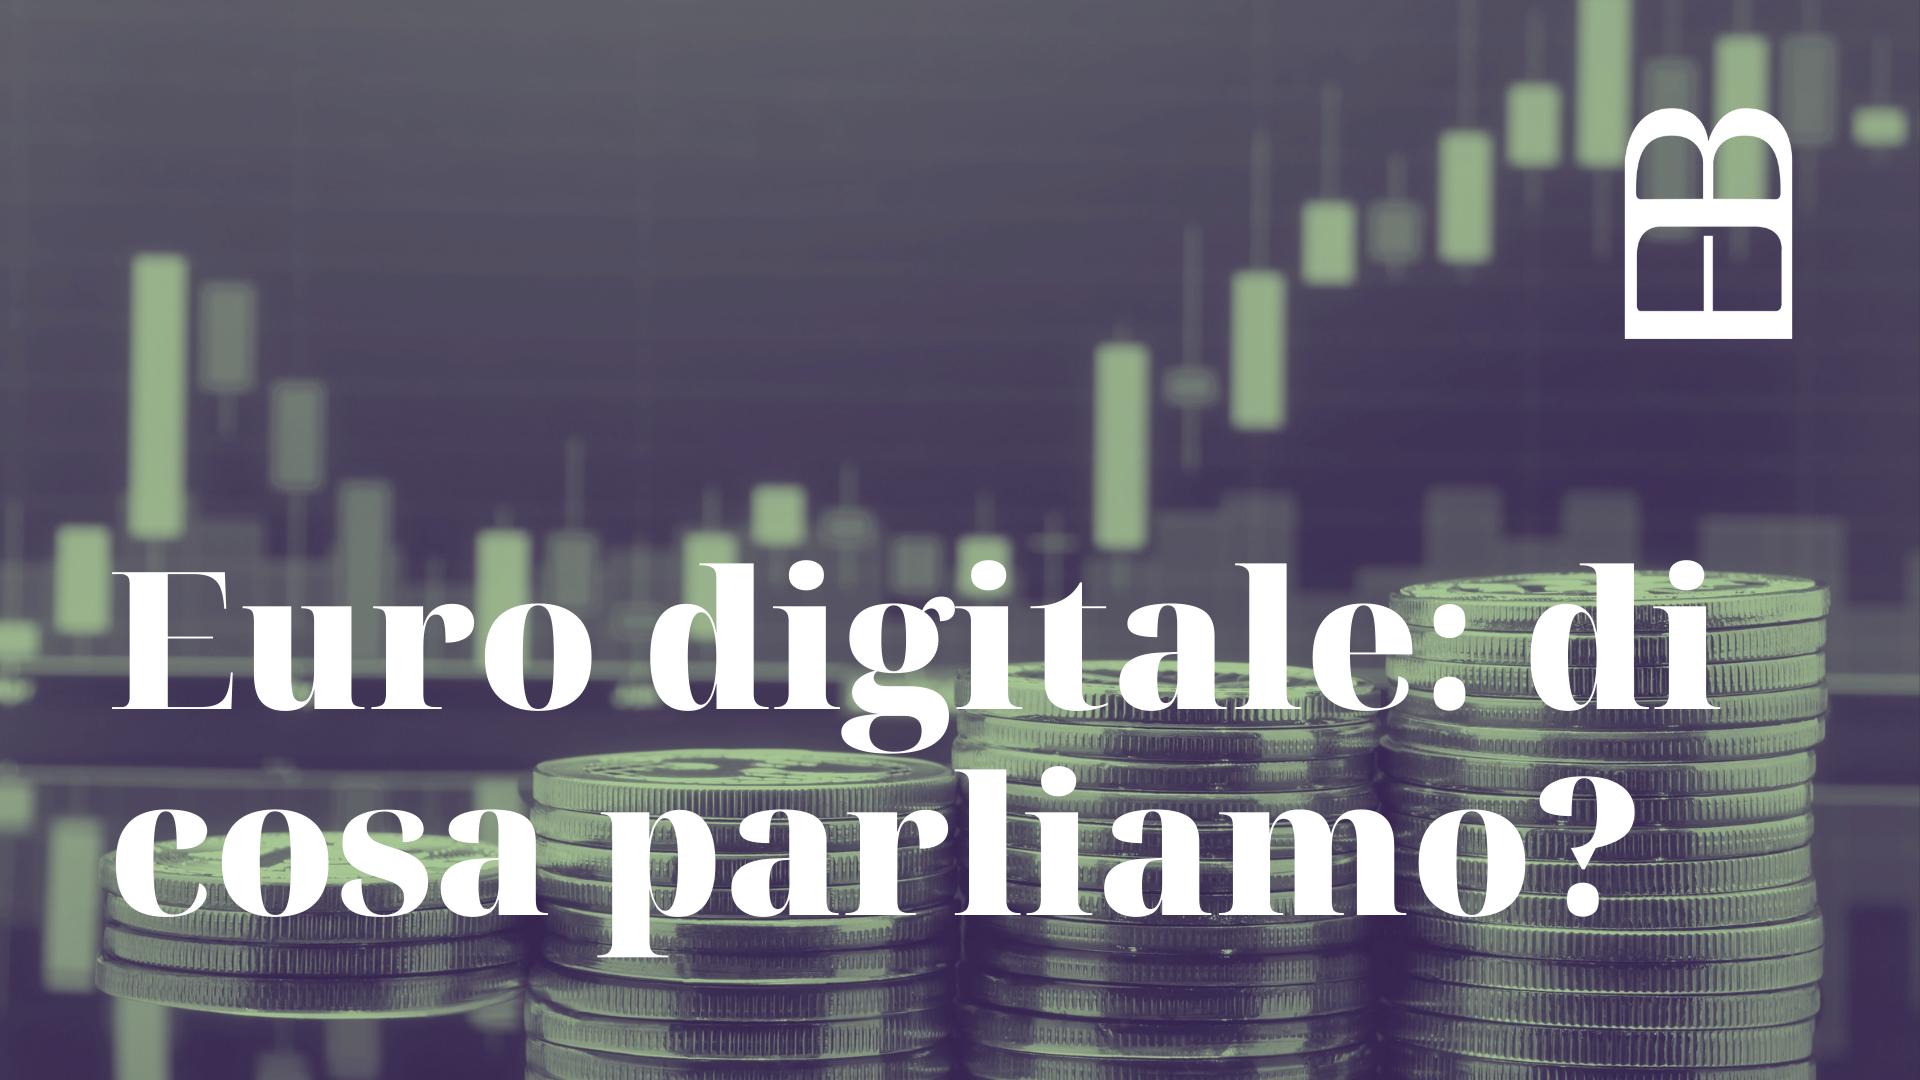 Euro digitale: di cosa parliamo?